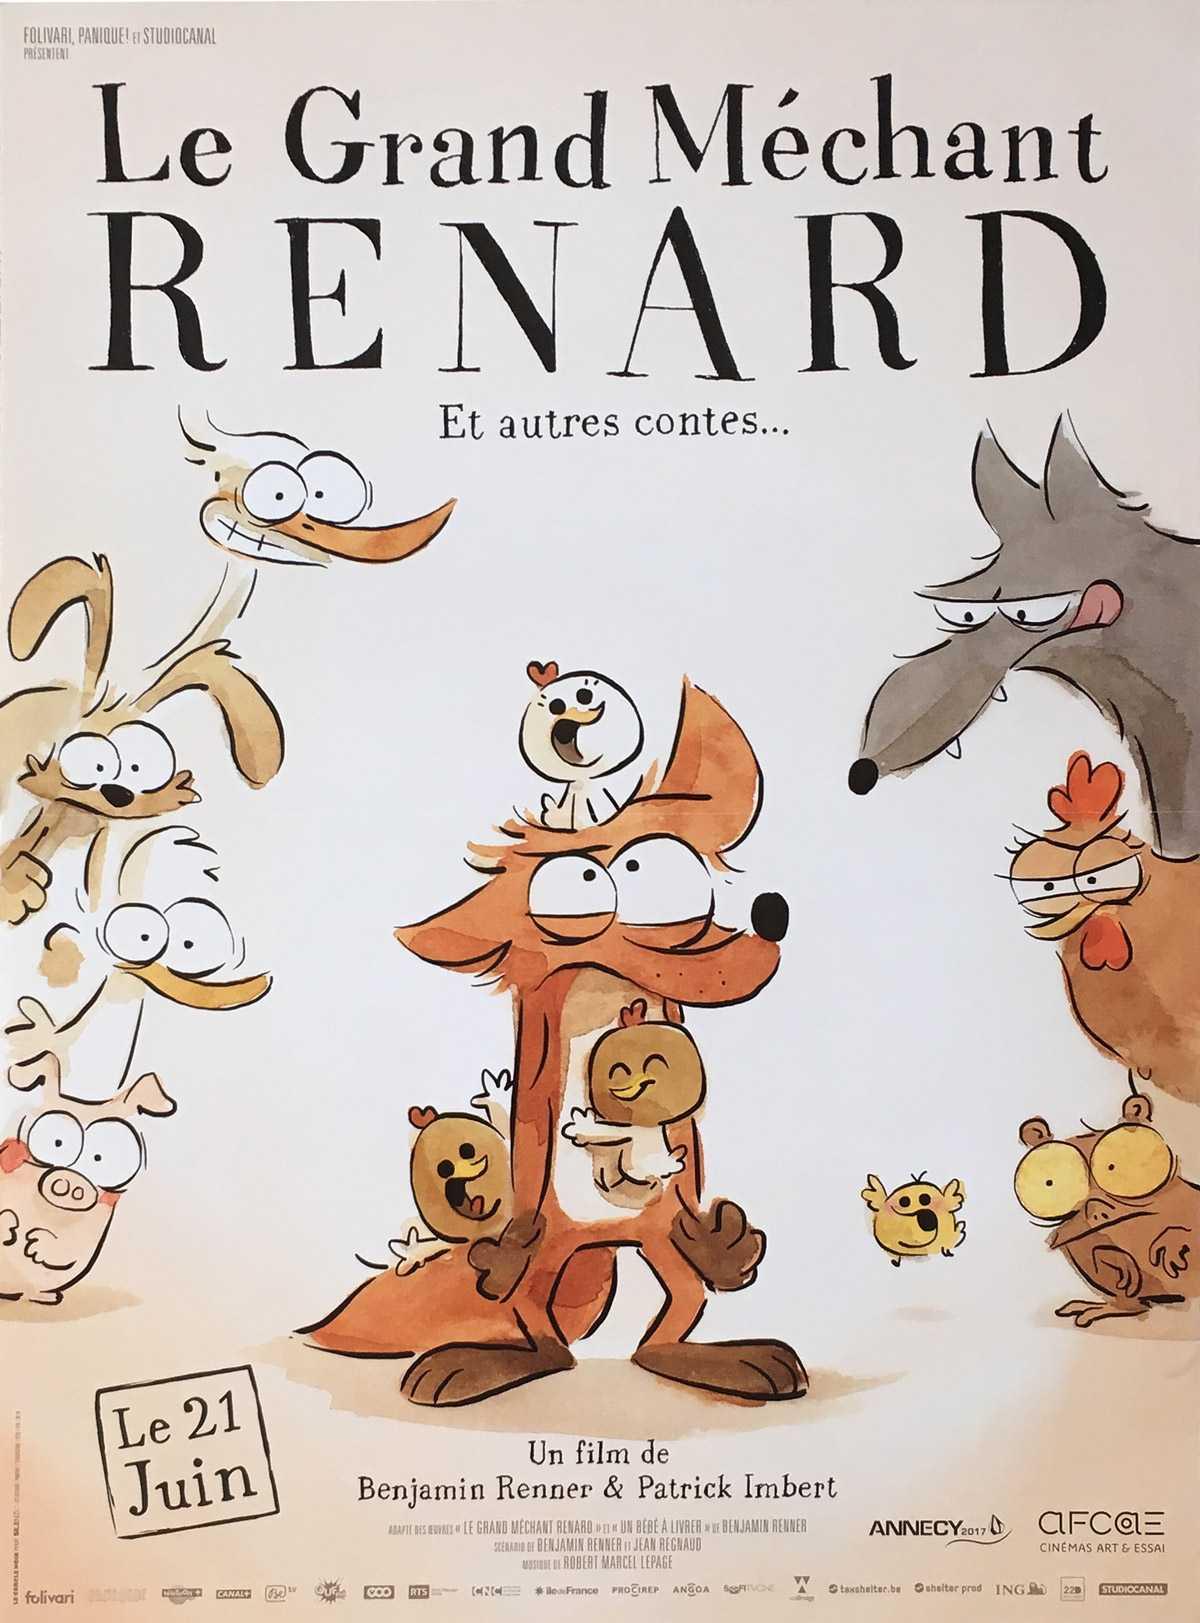 Le Grand Méchant Renard reçoit le César 2018 du film d'animation